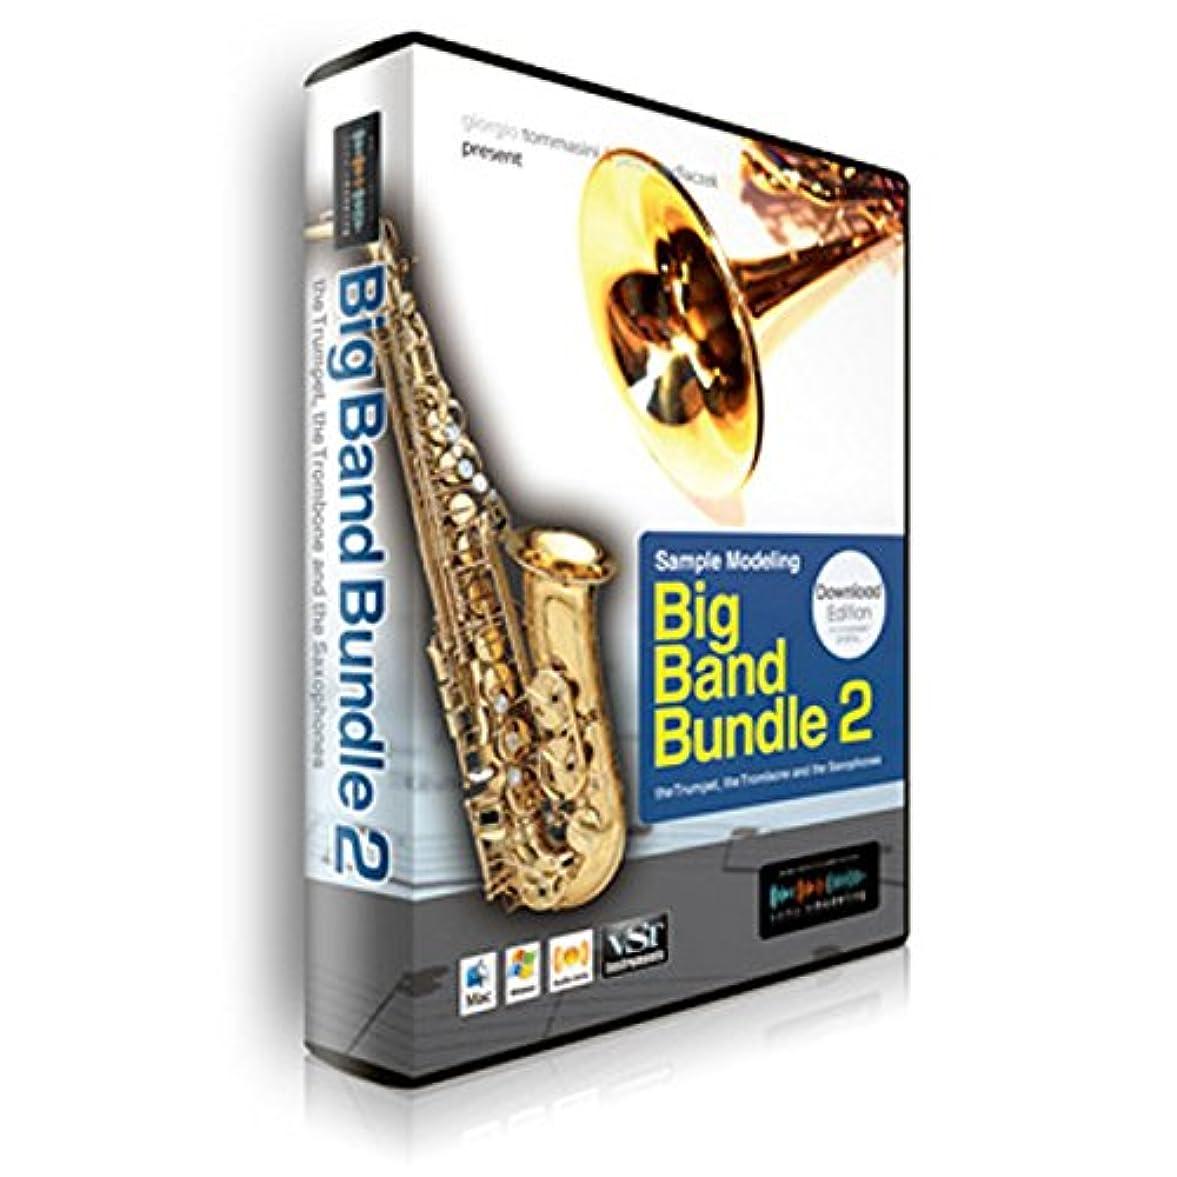 アフリカ弓光景Sample Modeling Big Band Bundle2 プラグイン音源ソフト (サンプルモデリング) 国内正規品